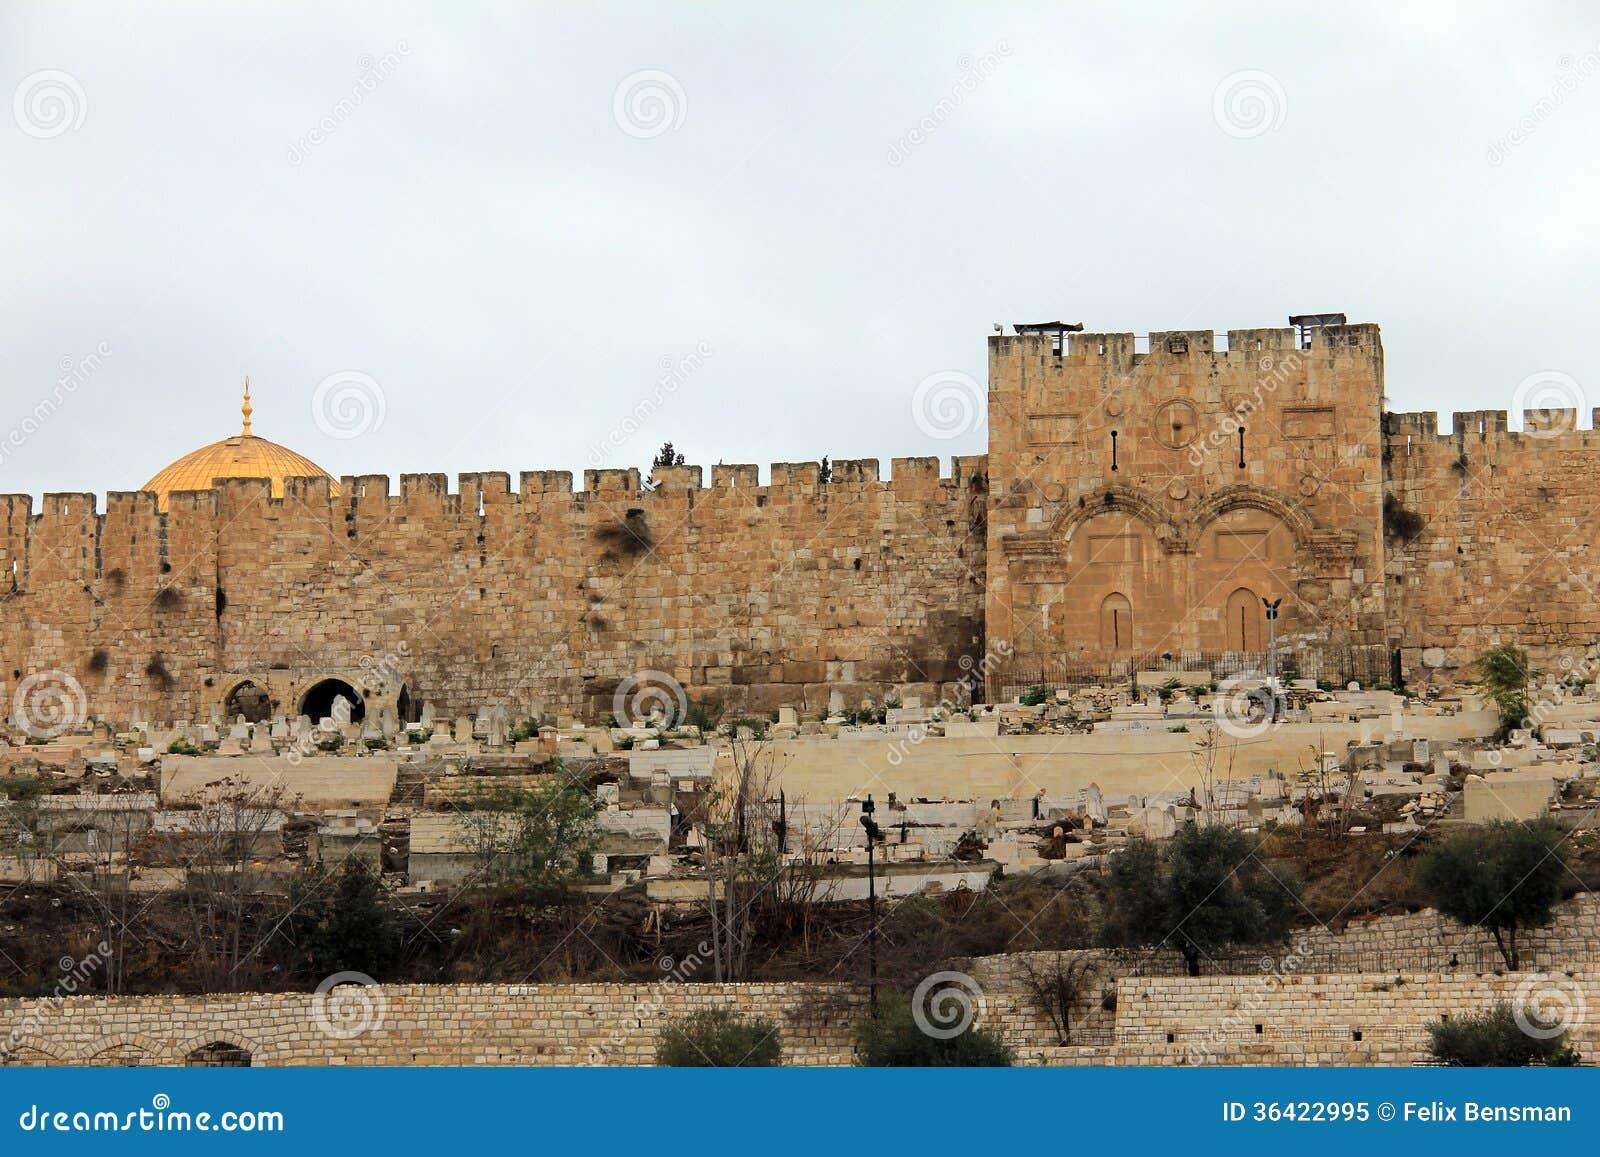 Χρυσή πύλη. Ιερουσαλήμ, Ισραήλ.